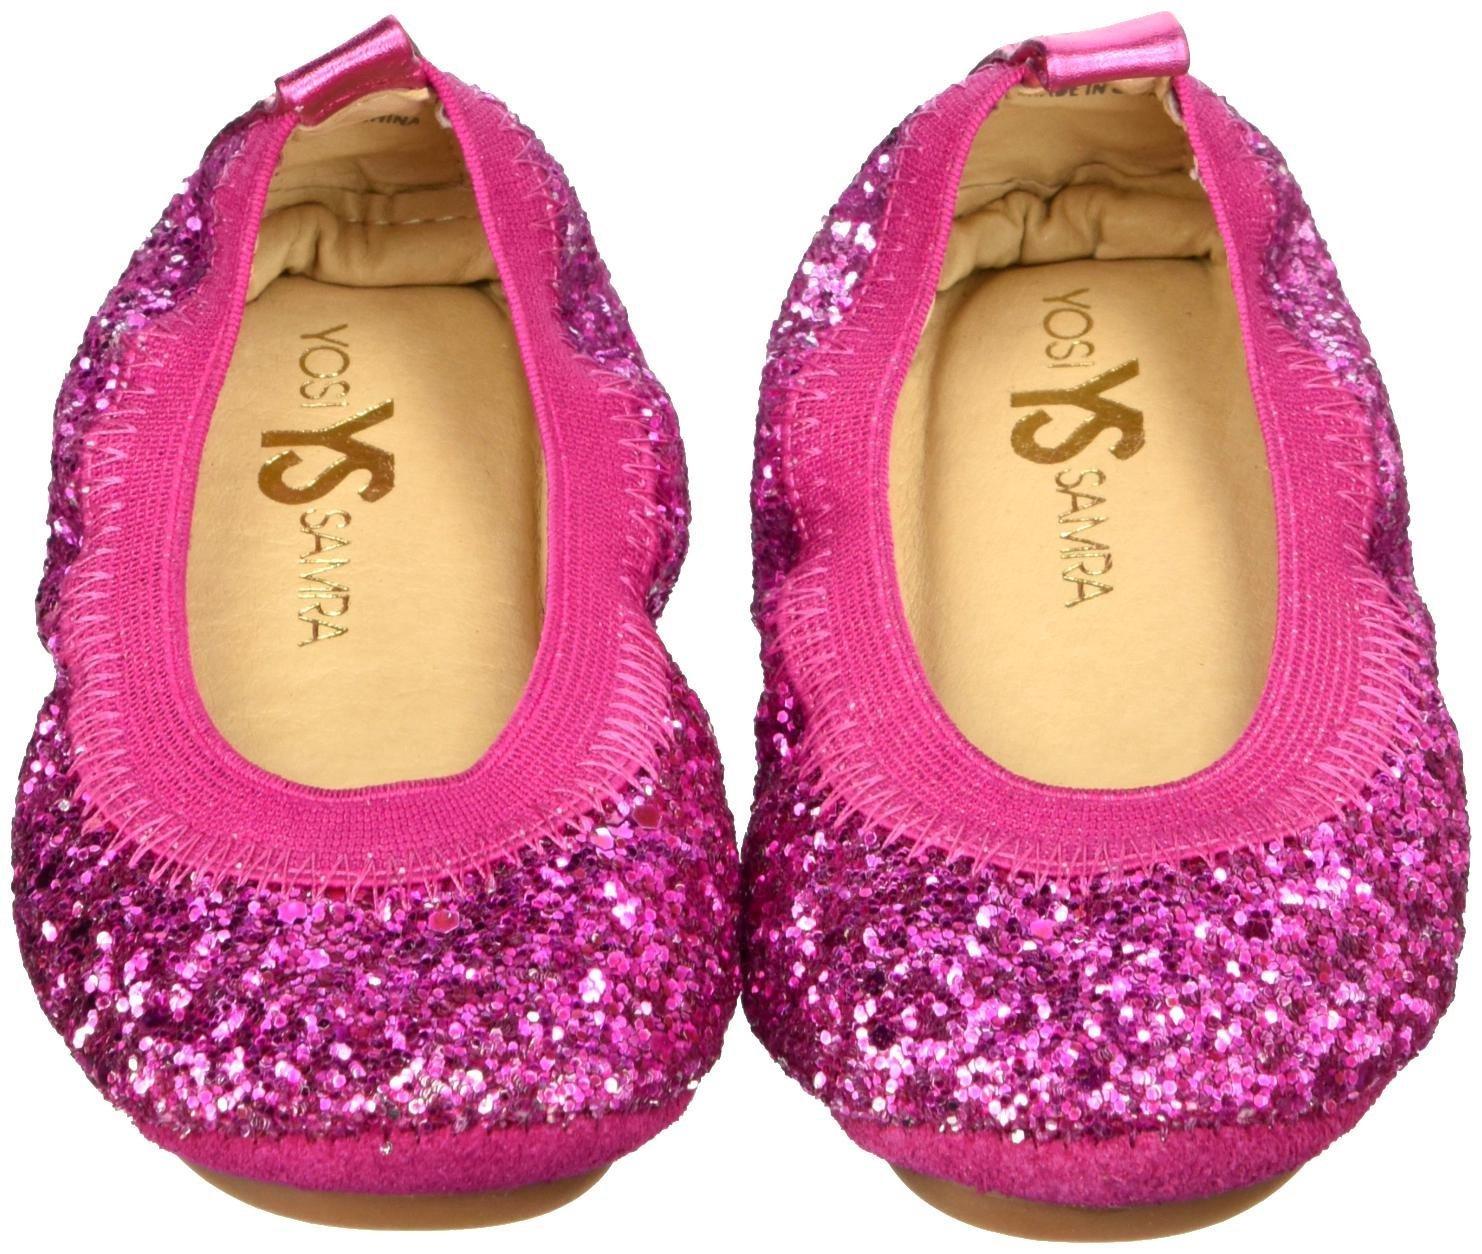 Yosi Samra Girls' Sonya Obbre Chunky Glitter-K, Shocking Pink, 7 M US Toddler